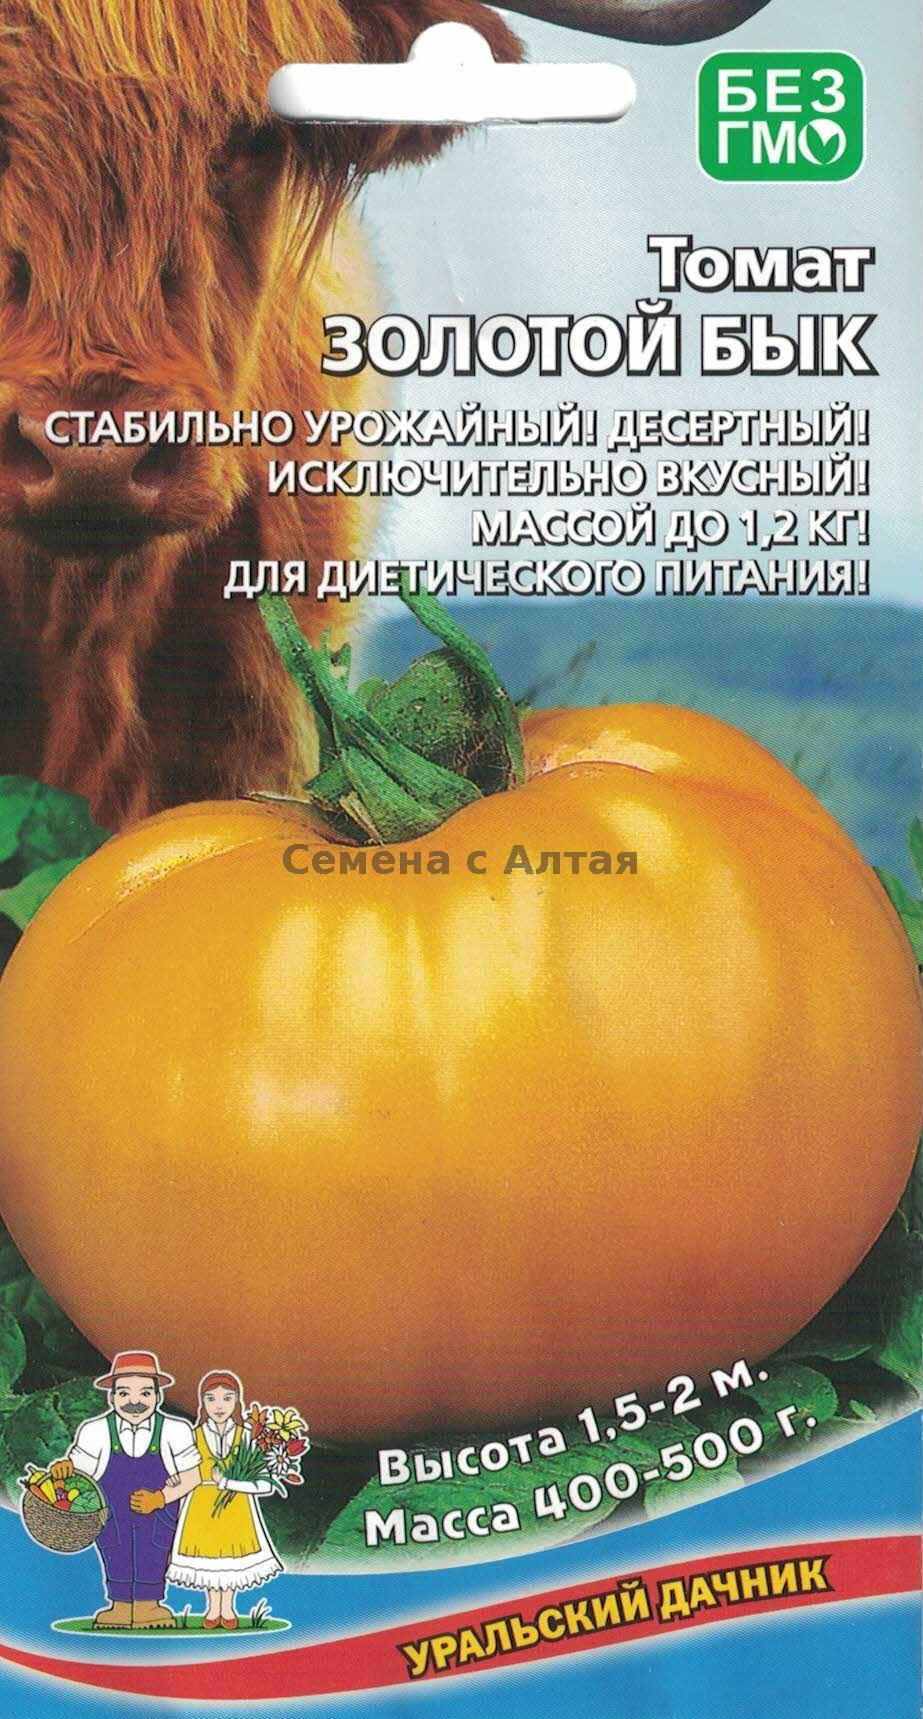 Томат золотой бык: характеристика и описание сорта, его урожайность с фото